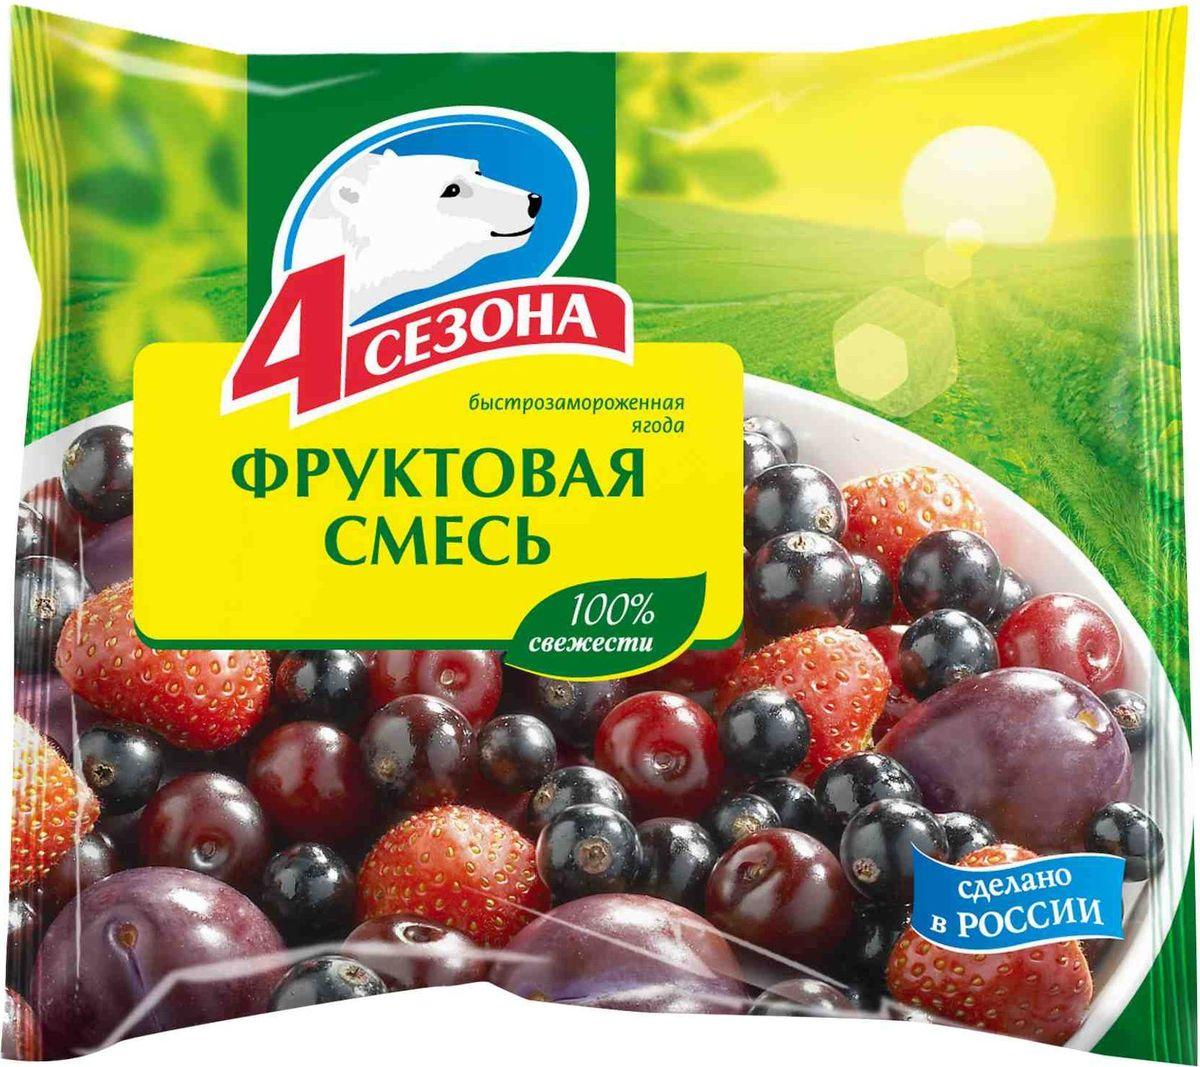 4 Сезона Фруктовая смесь, 300 г3603040Фруктово-ягодный компот – это незабываемое летнее лакомство, которое освежает и прекрасно утоляет жажду. От этого напитка без ума будут дети и по достоинству оценят взрослые. Приготовить компот из замороженных ягод совсем не сложно. Это займет не более 10 минут, а напиток станет прекрасным дополнением к сытному обеду, ужину или в качестве самостоятельного блюда на полдник. Благодаря сбалансированному составу набора Фруктовая смесь от заморозки 4 сезона нет смысла консервировать напитки впрок на зиму. Приготовить вкусный компот можно в любое время года. Приятного аппетита.